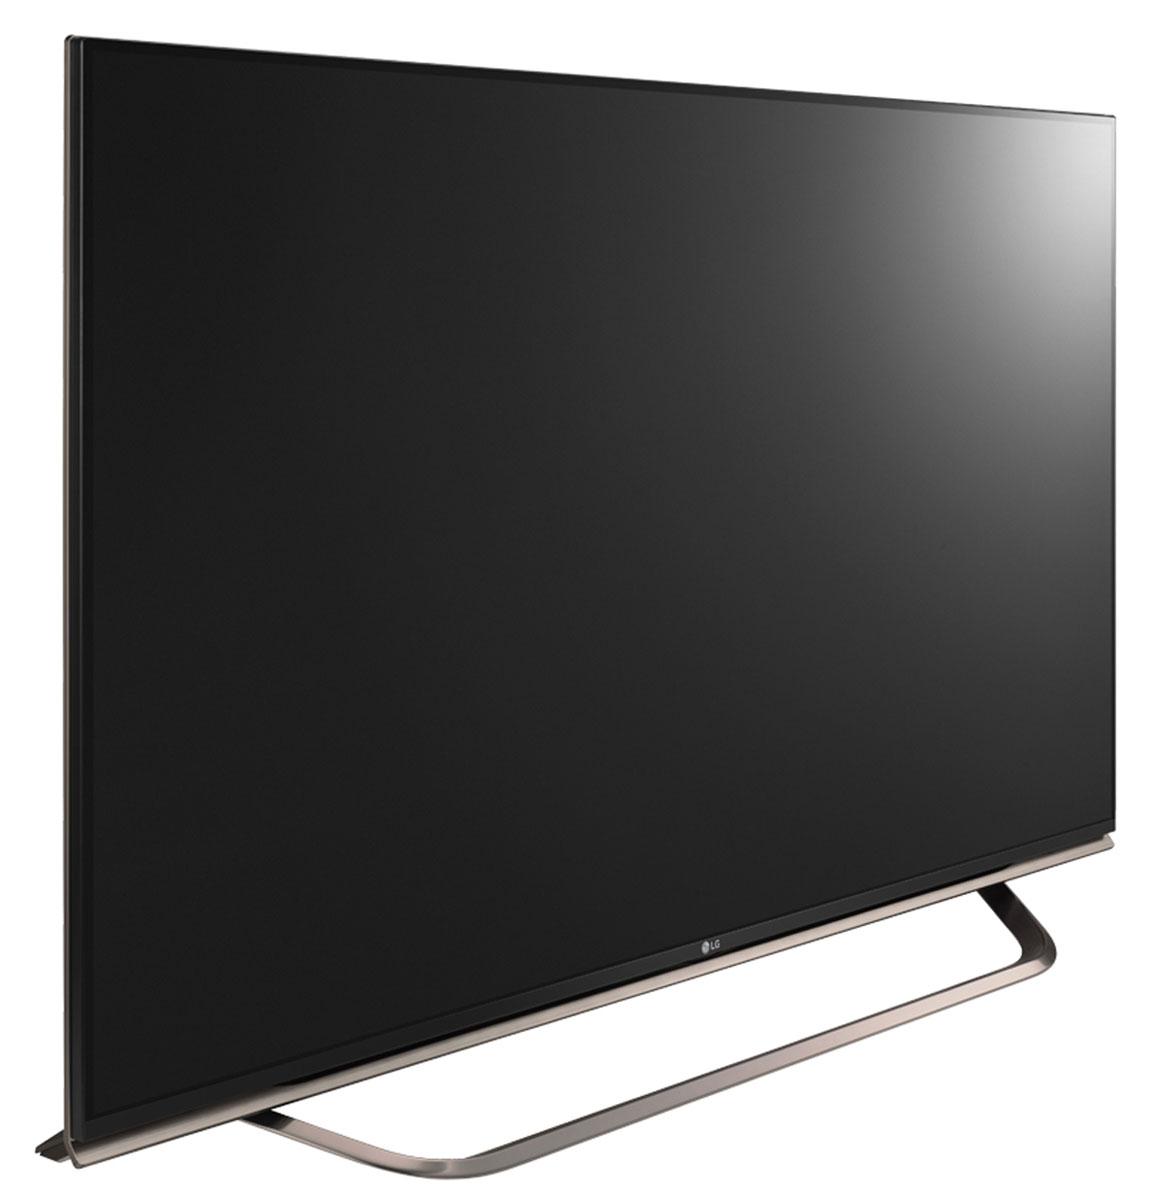 LG 55UF860V телевизор ( 55UF860V )